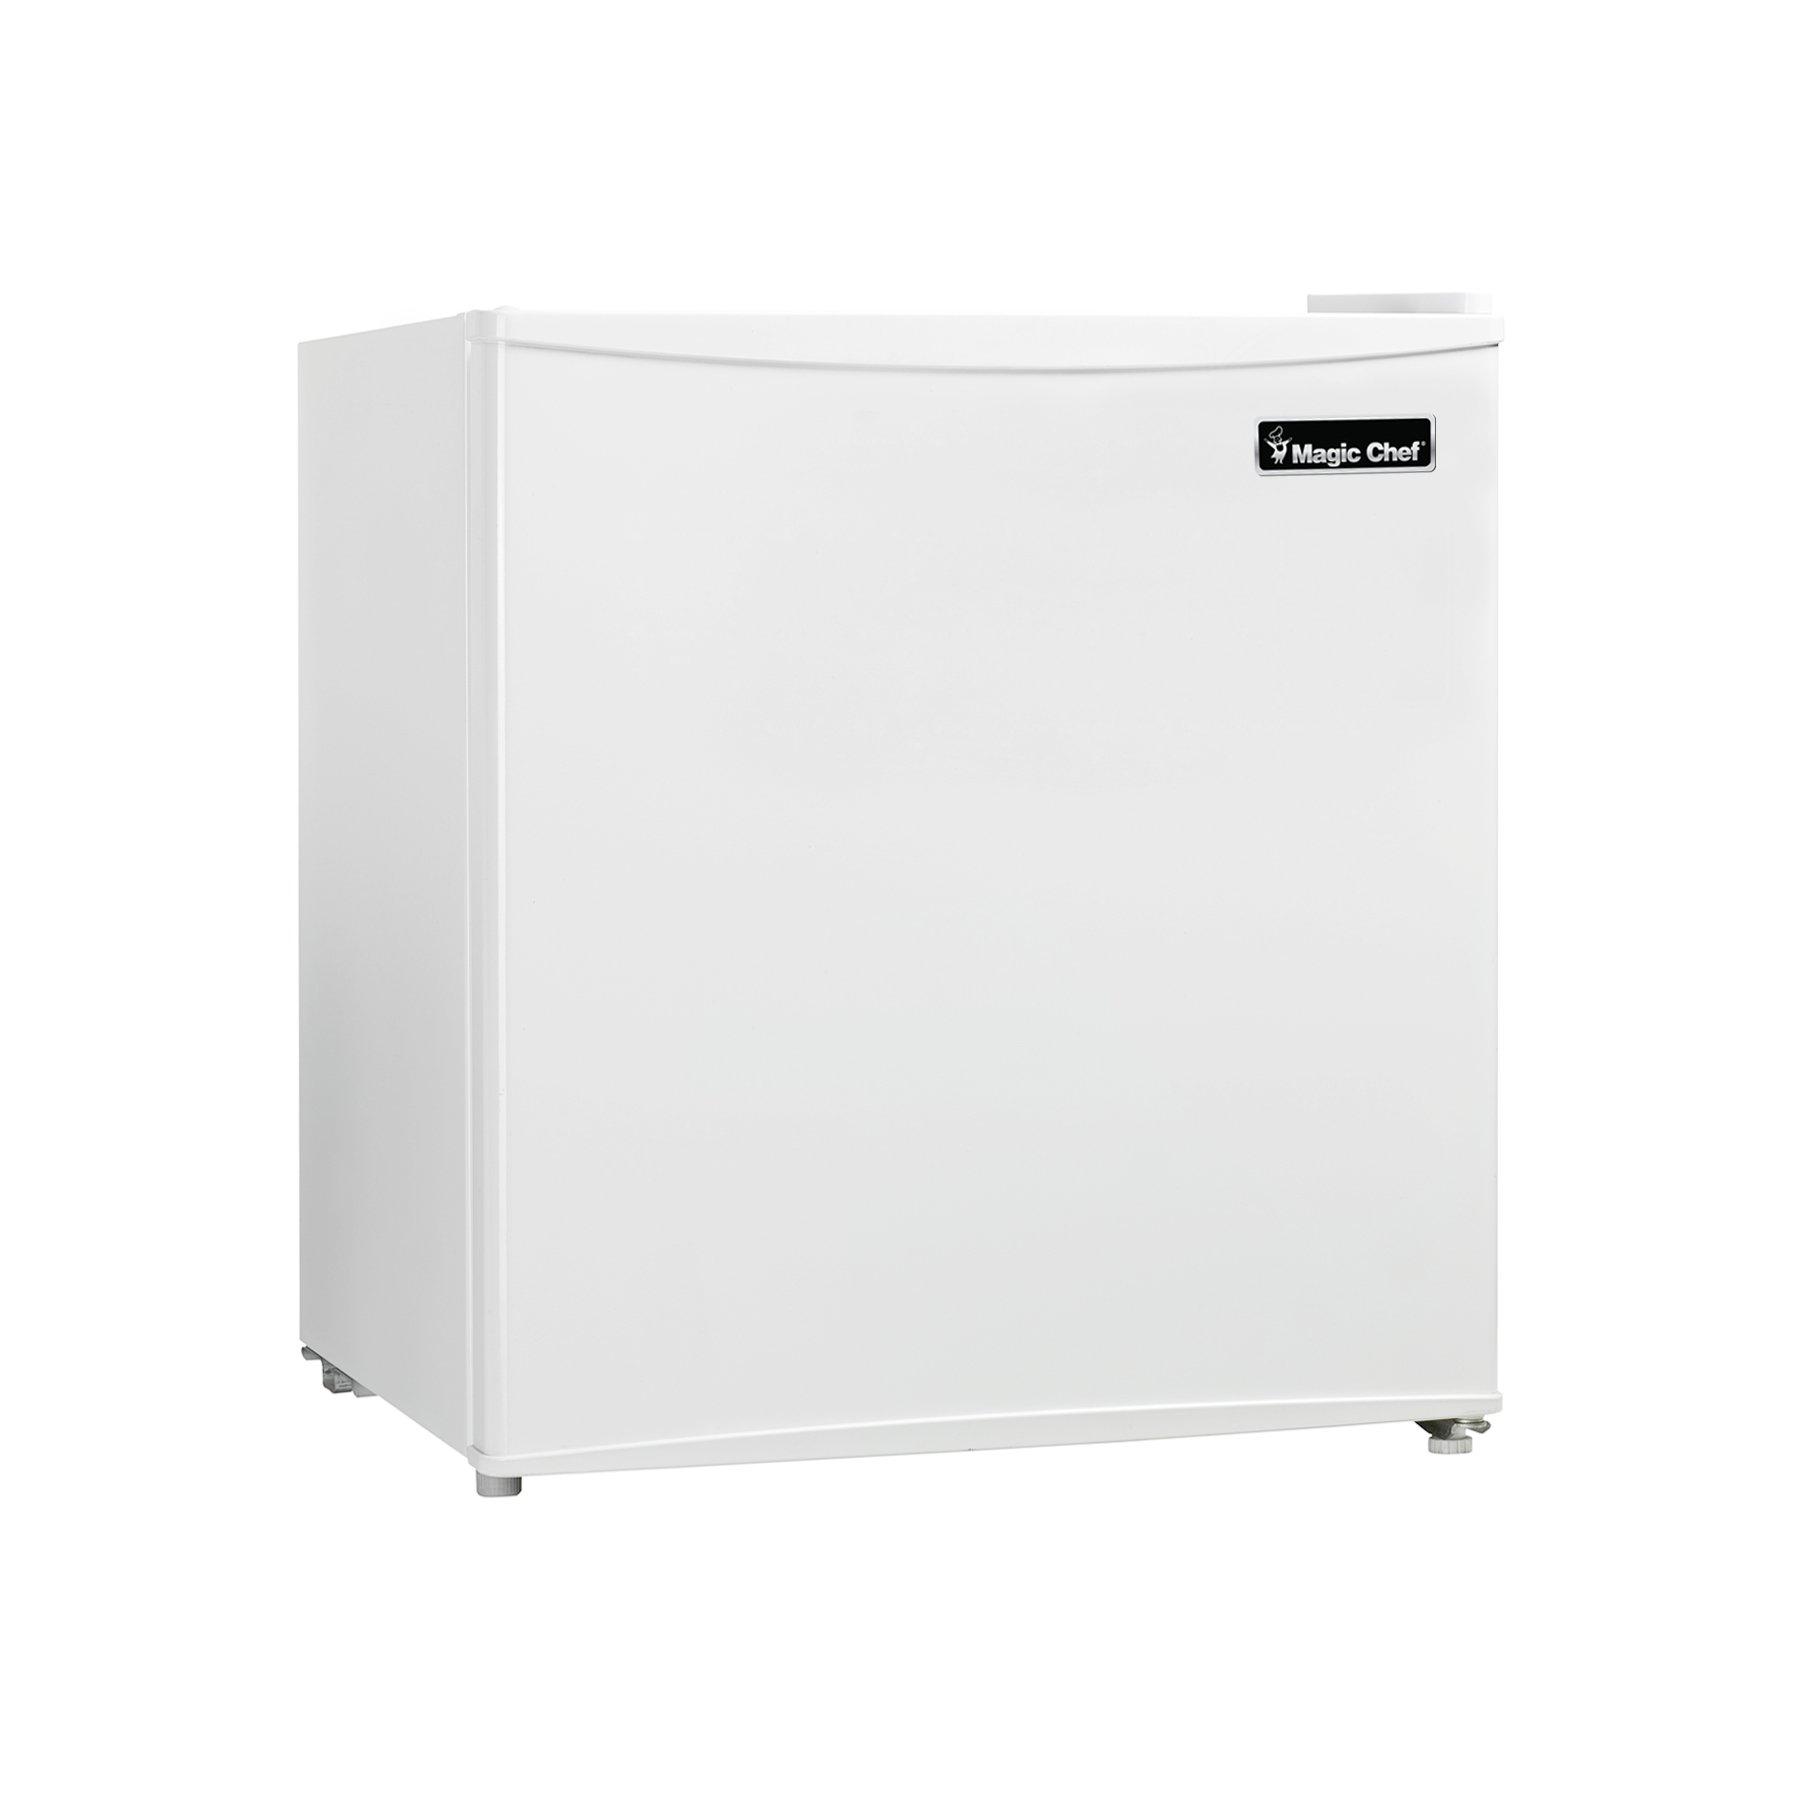 Magic Chef MCBR160W2 Refrigerator, 1.6 cu.ft, White